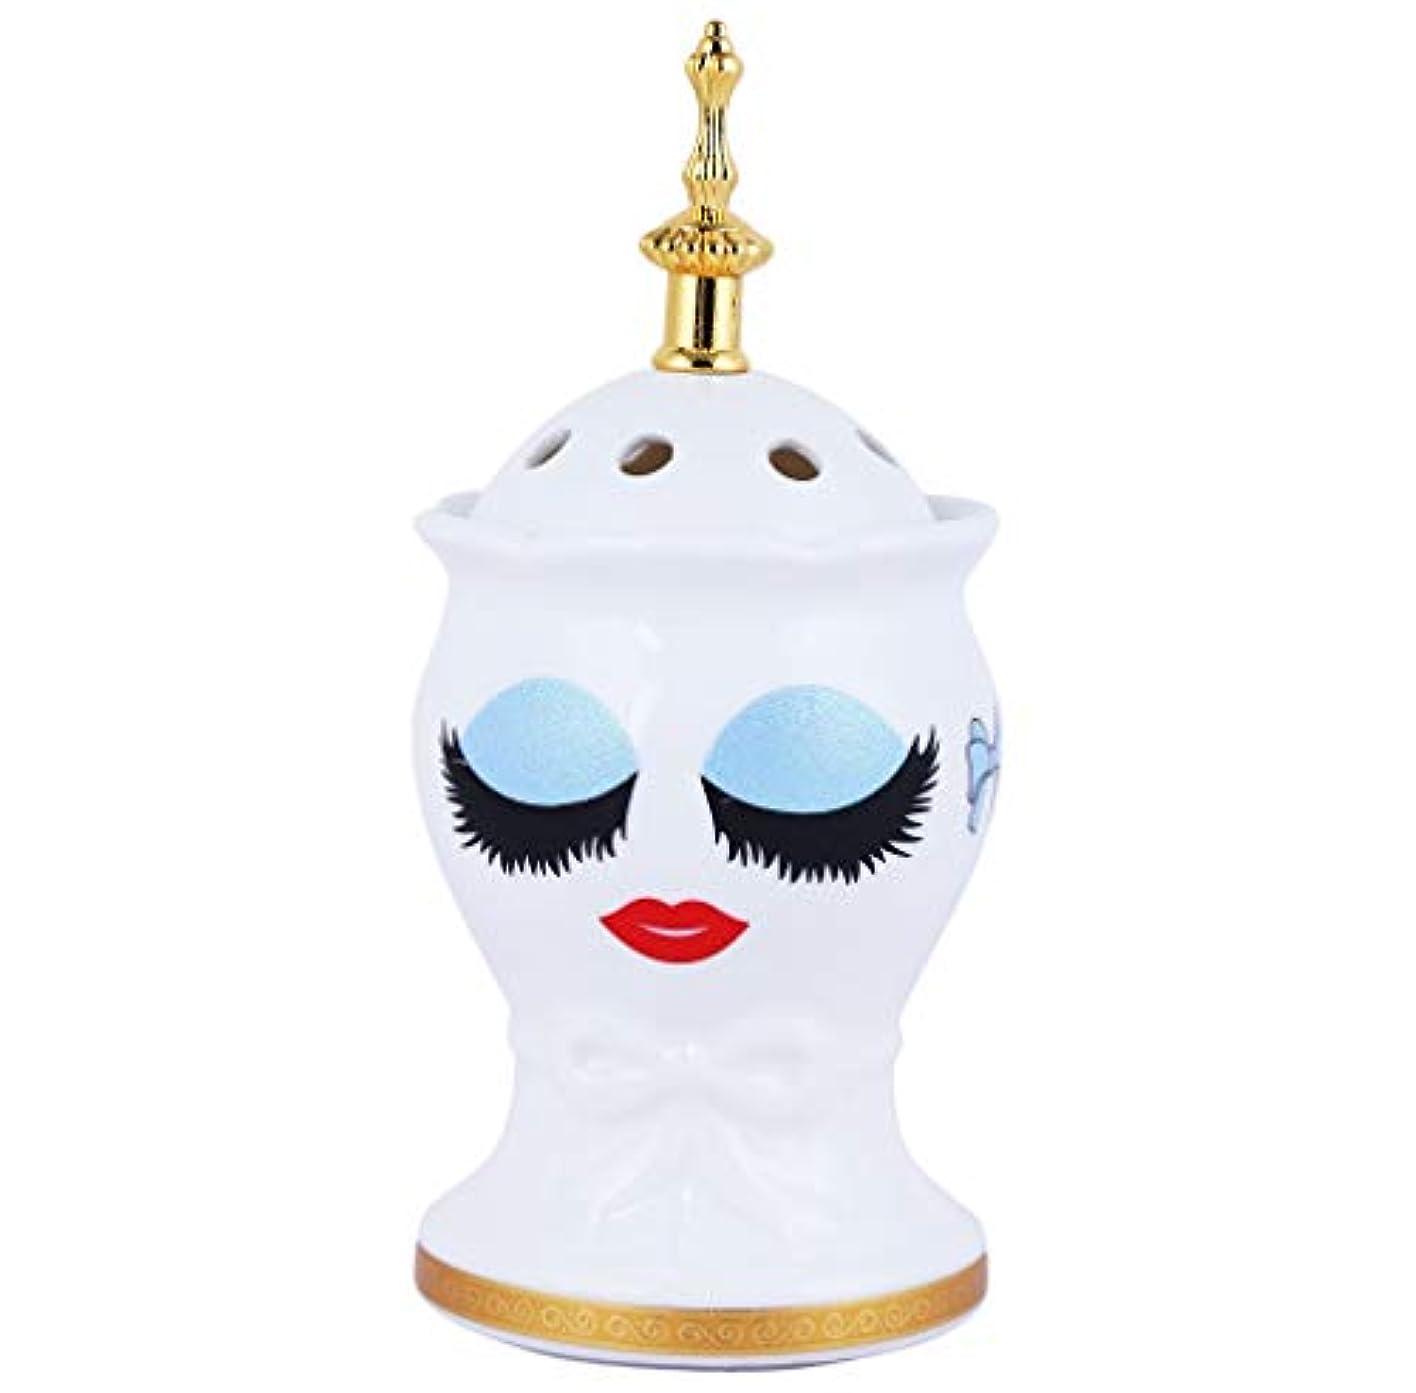 騒々しいトラフィック評価するNexxa Beautiful Ceramic Incense Bakhoor/Oud Burner Frankincense Incense Holder with Attractive Eyes, Non Electric...